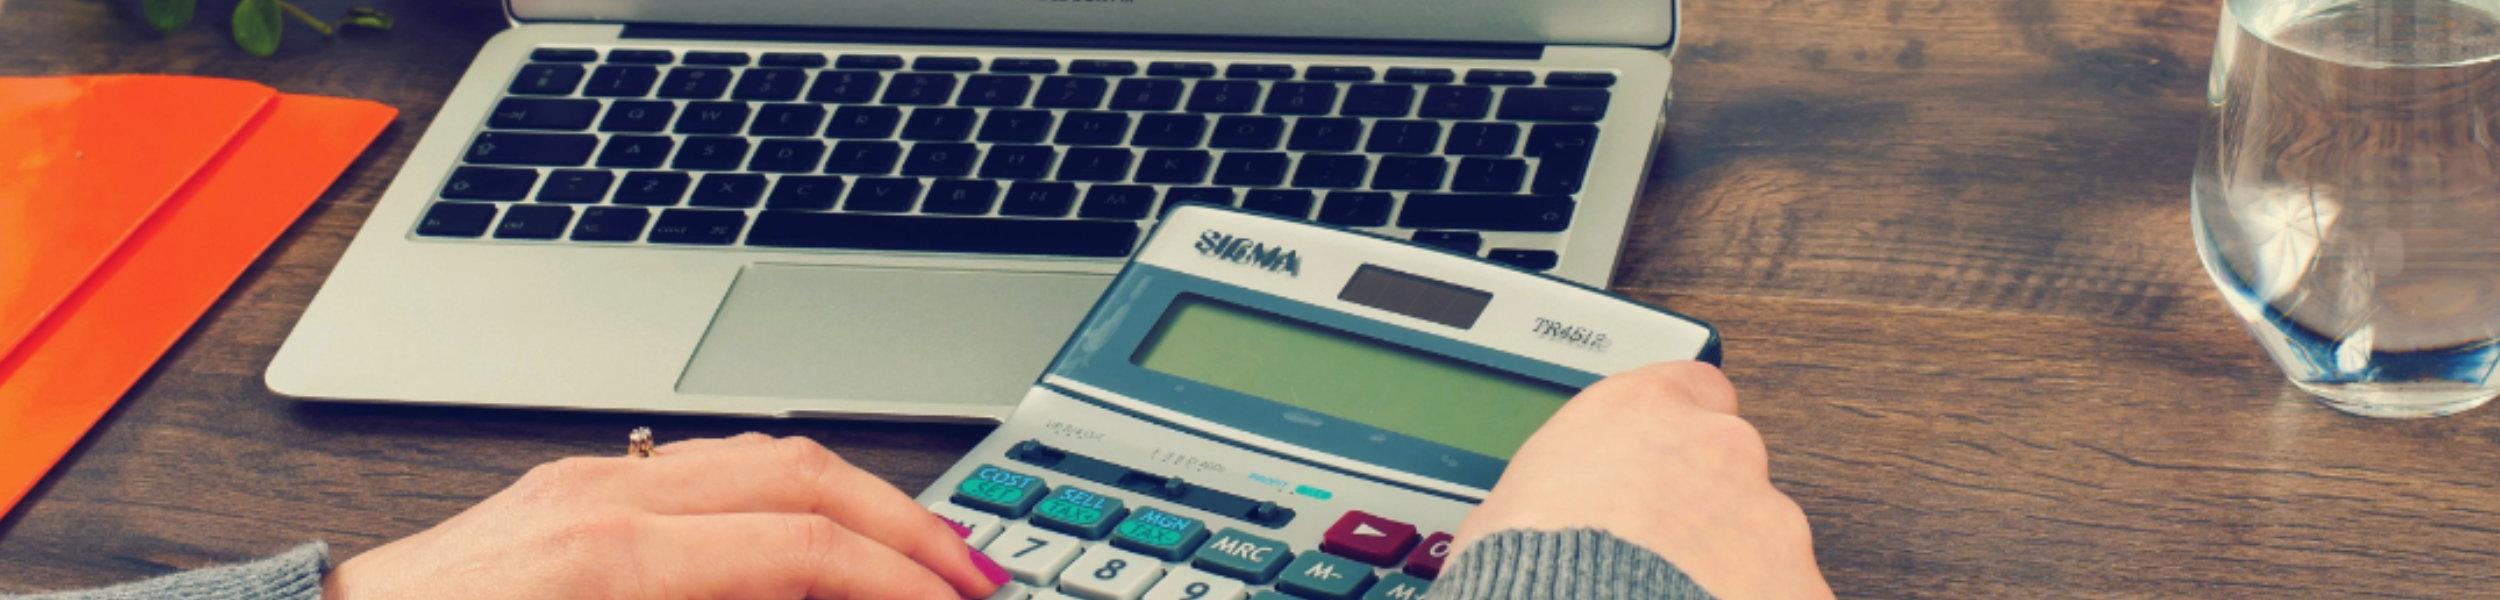 Taschenrechner und Laptop